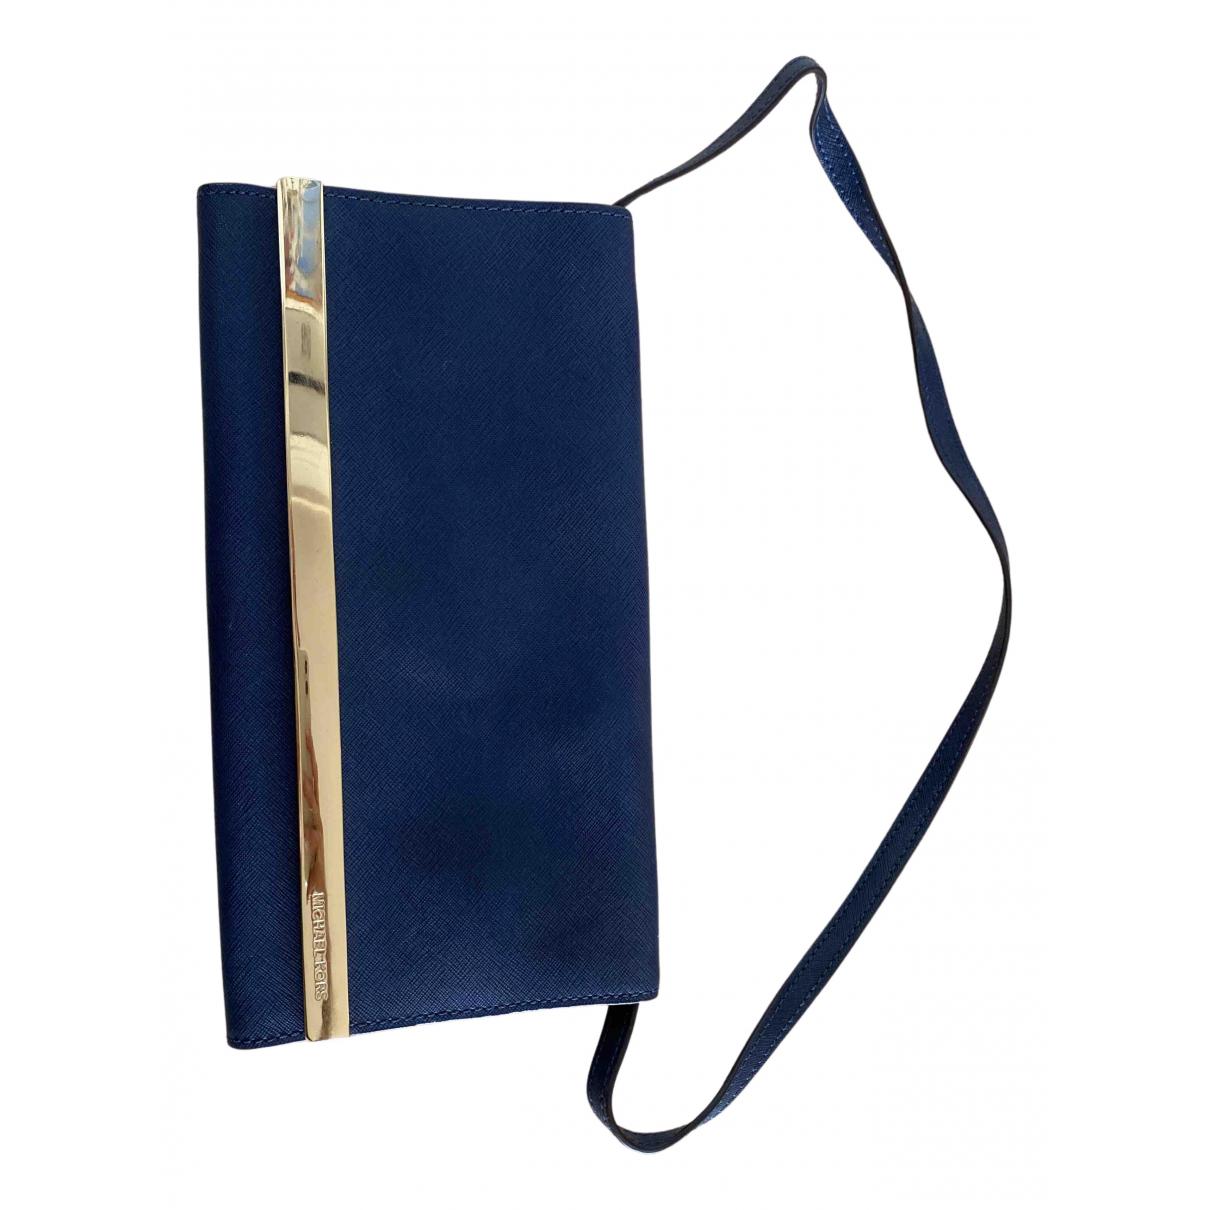 Michael Kors - Pochette   pour femme en cuir - bleu